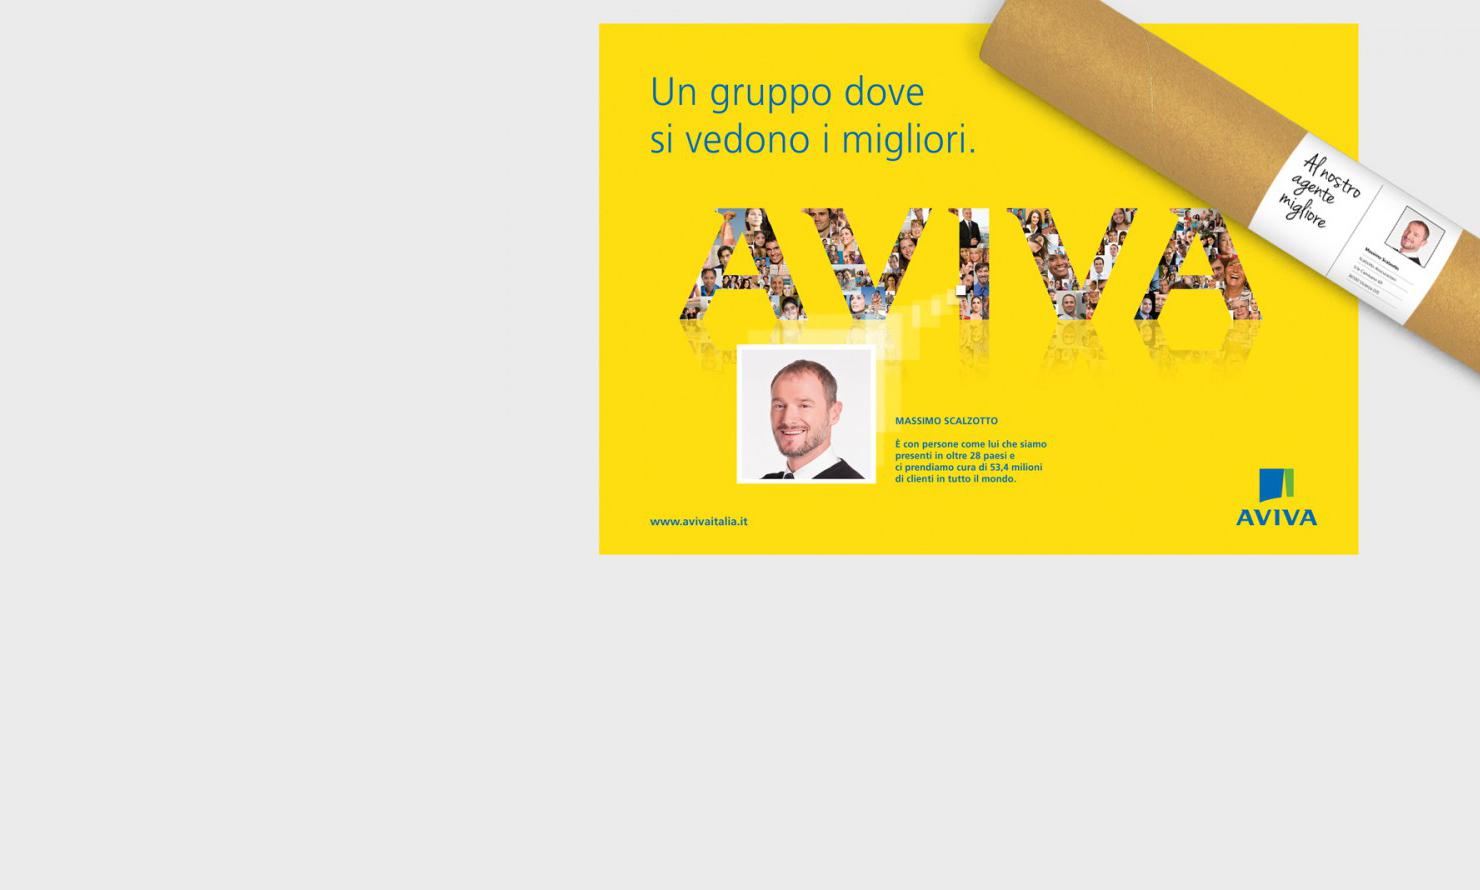 https://kubelibre.com/uploads/Slider-work-tutti-clienti/aviva-faces-3.jpg